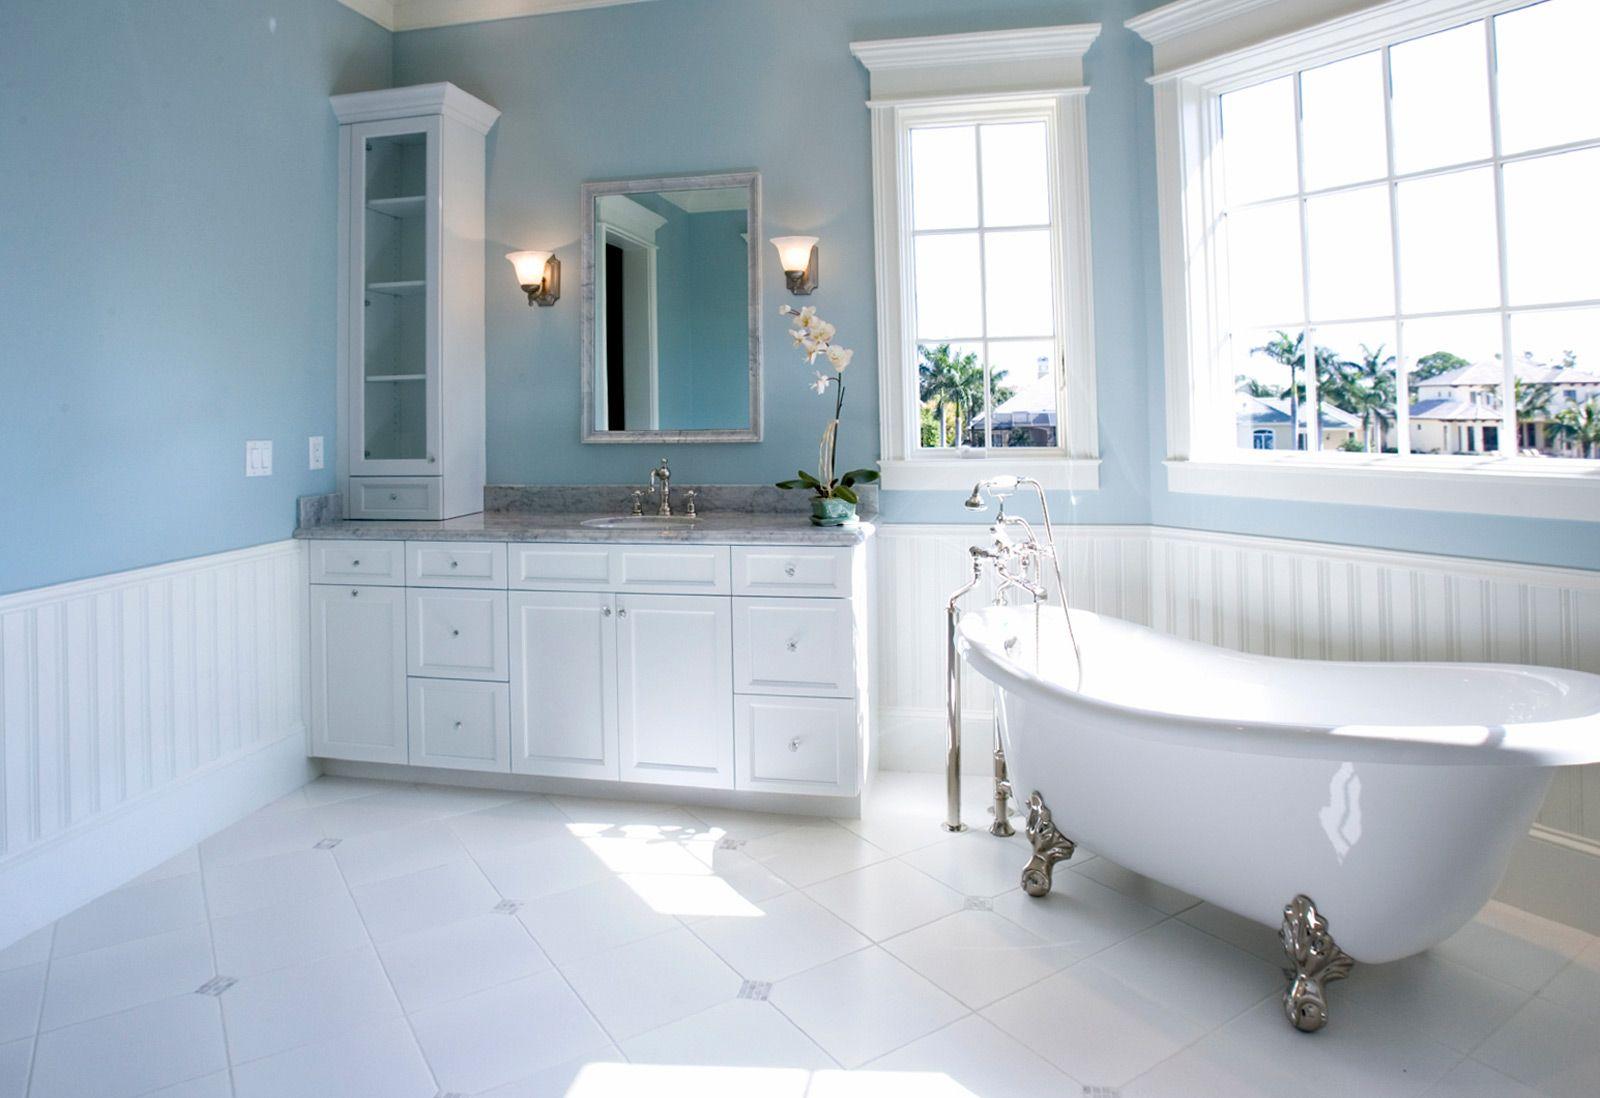 Bathroom Images Como Limpiar Loa Azulejos Del Baño  Bathroom Remodeling Design